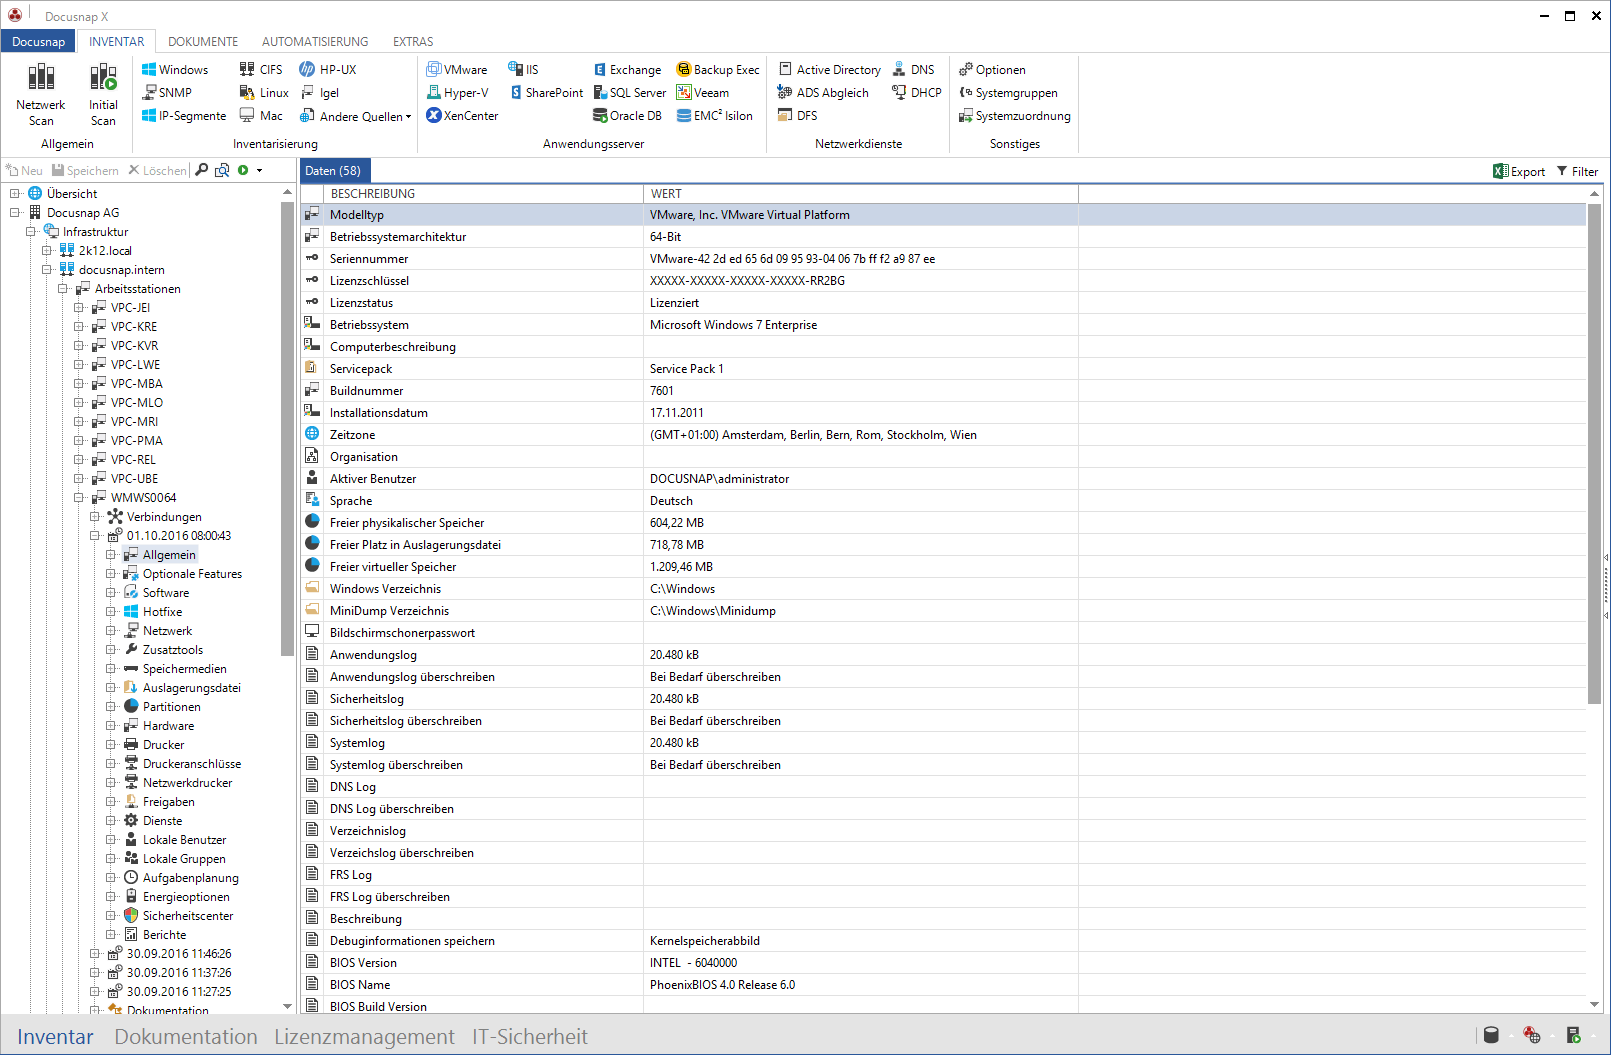 Darstellung der Windows Netzwerk-Inventarisierung im Datenexplorer